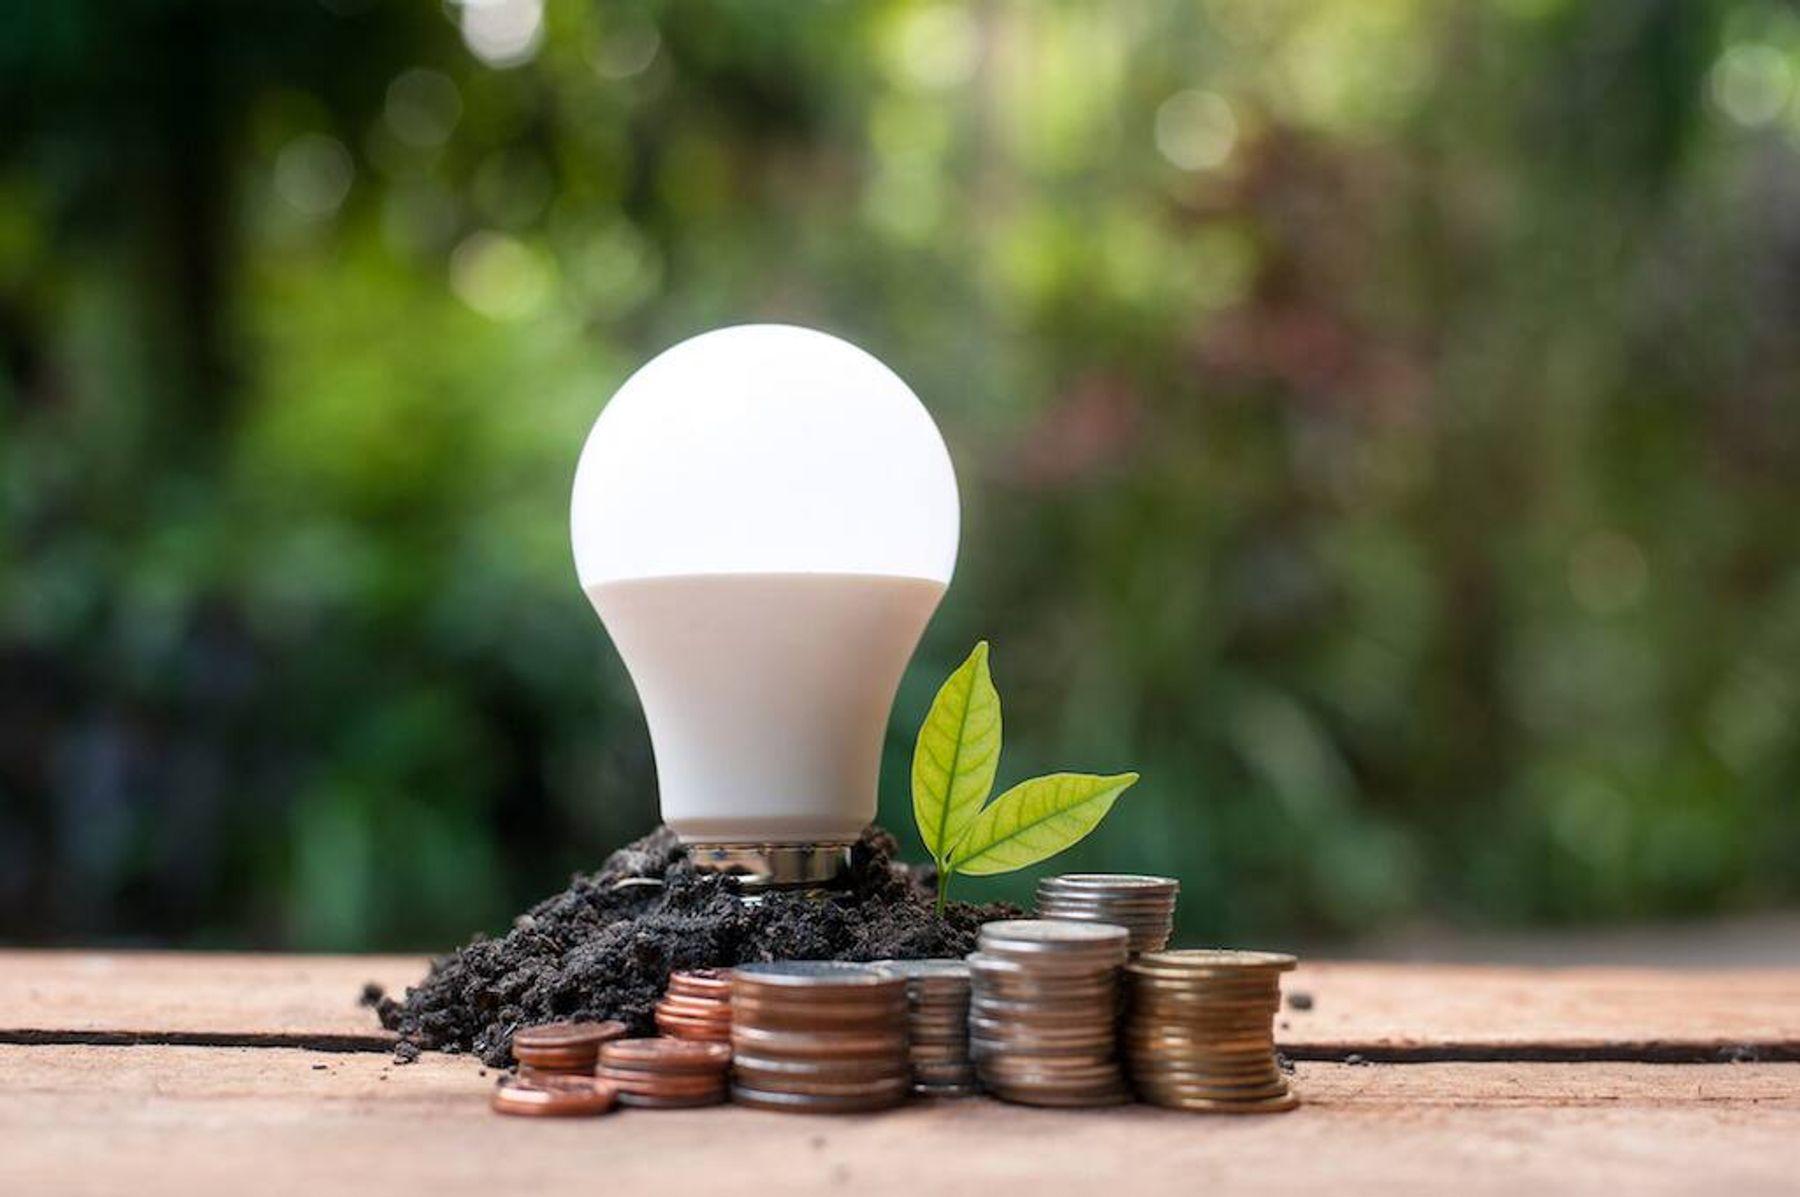 cách làm mát phòng - hạn chế sử dụng bóng đèn tạo nhiều năng lượng